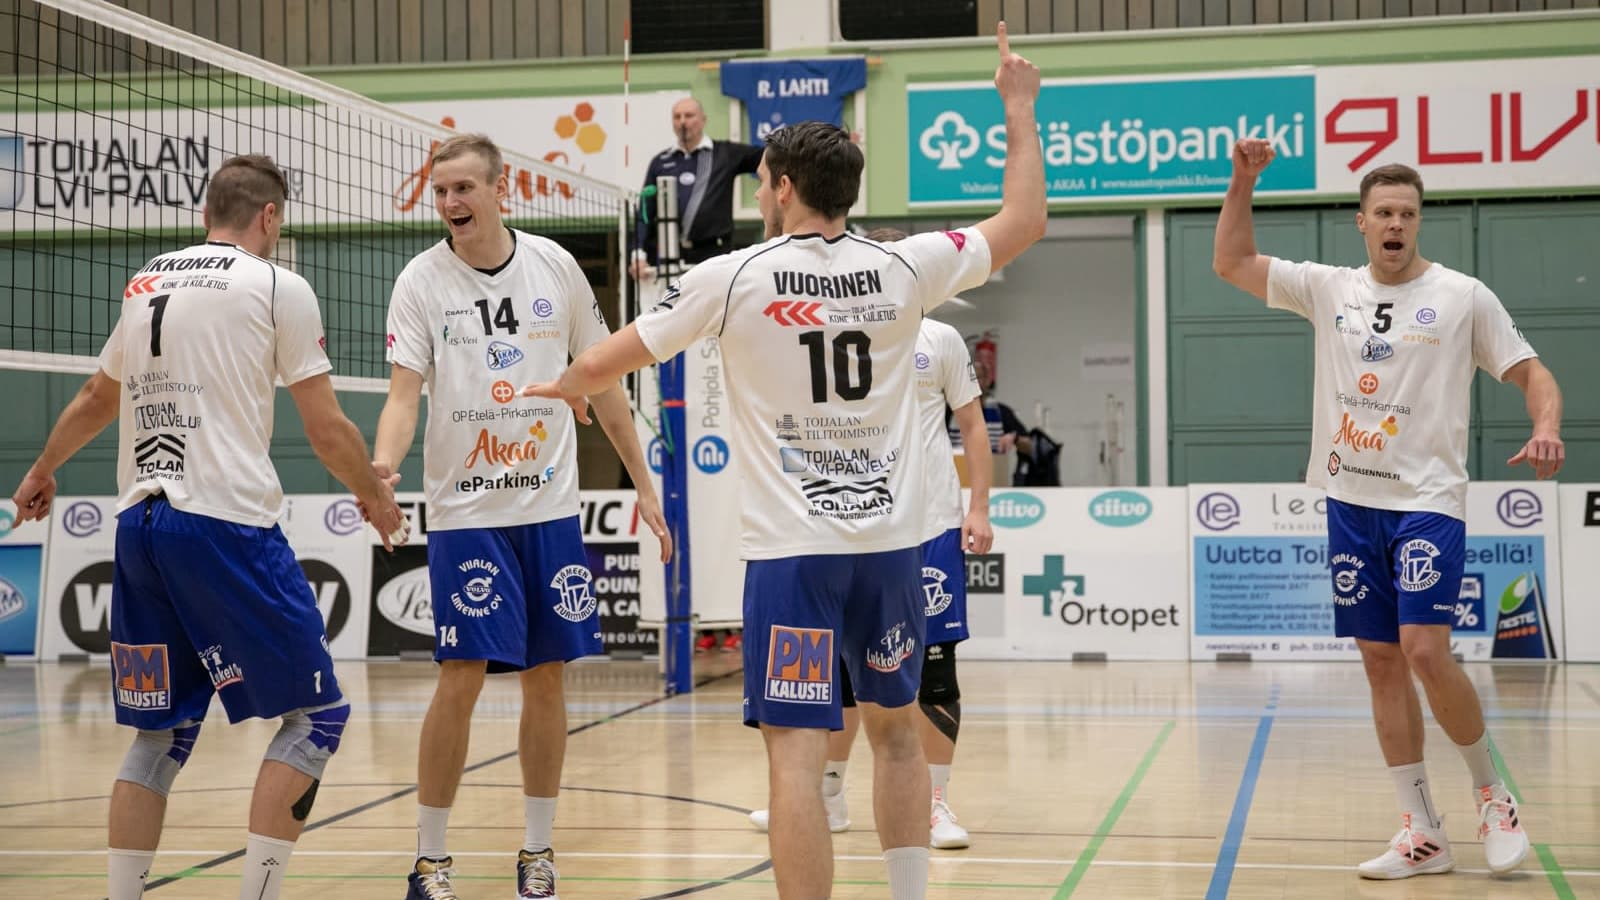 Akaa-Volleyn pelaajat juhlivat.